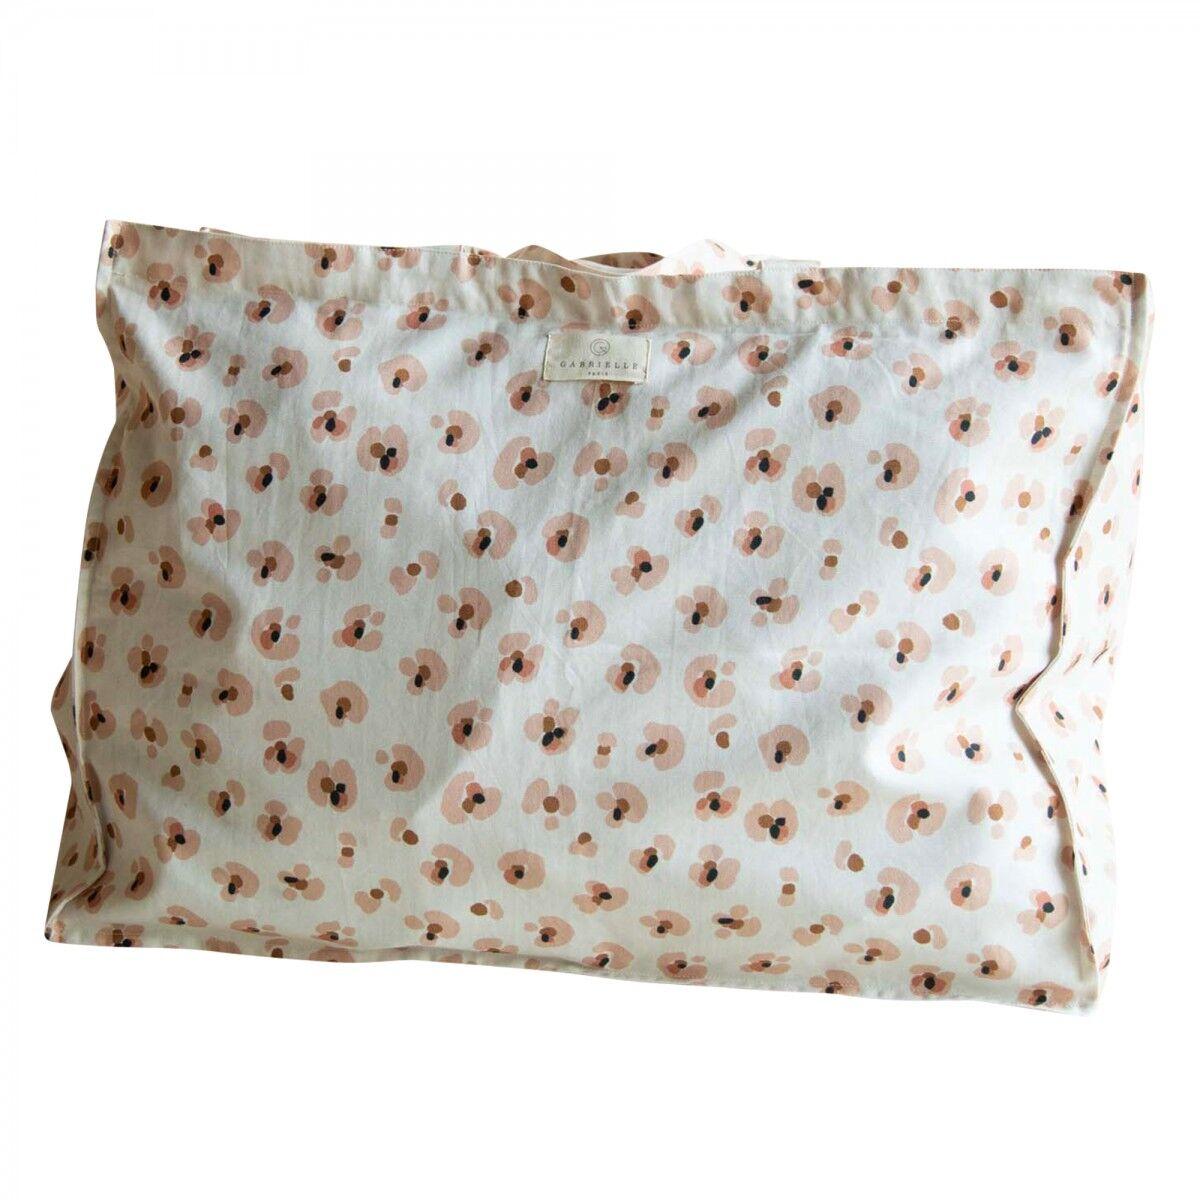 Gabrielle Paris Sac cabas en coton imprimé léopard crème